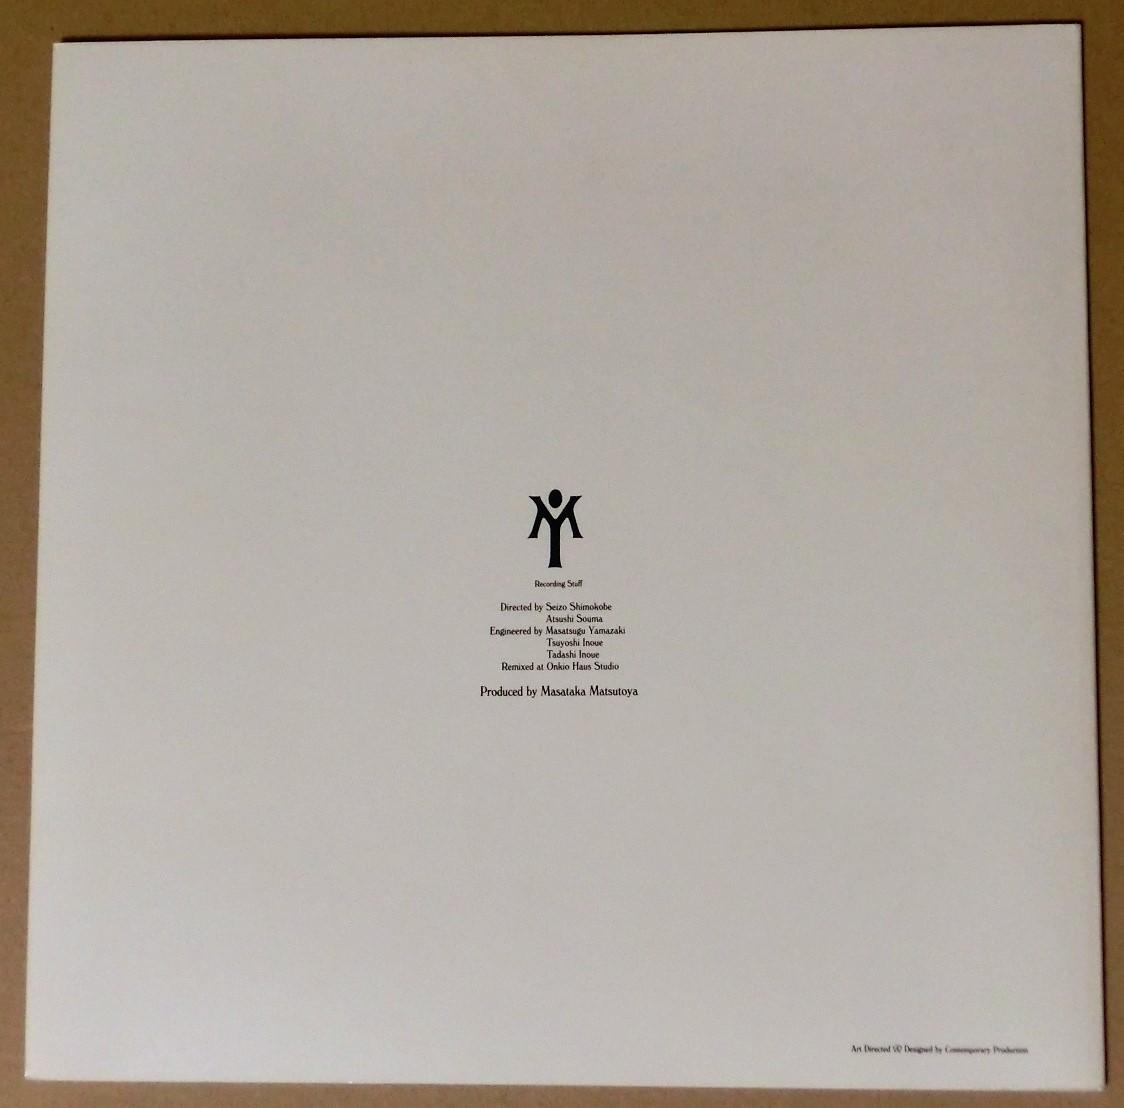 【パンフ&ケース付】松任谷由実 CD 『YUMING VISUALIVE DA・DI・DA / ダ・ディ・ダ』 限定盤_画像7